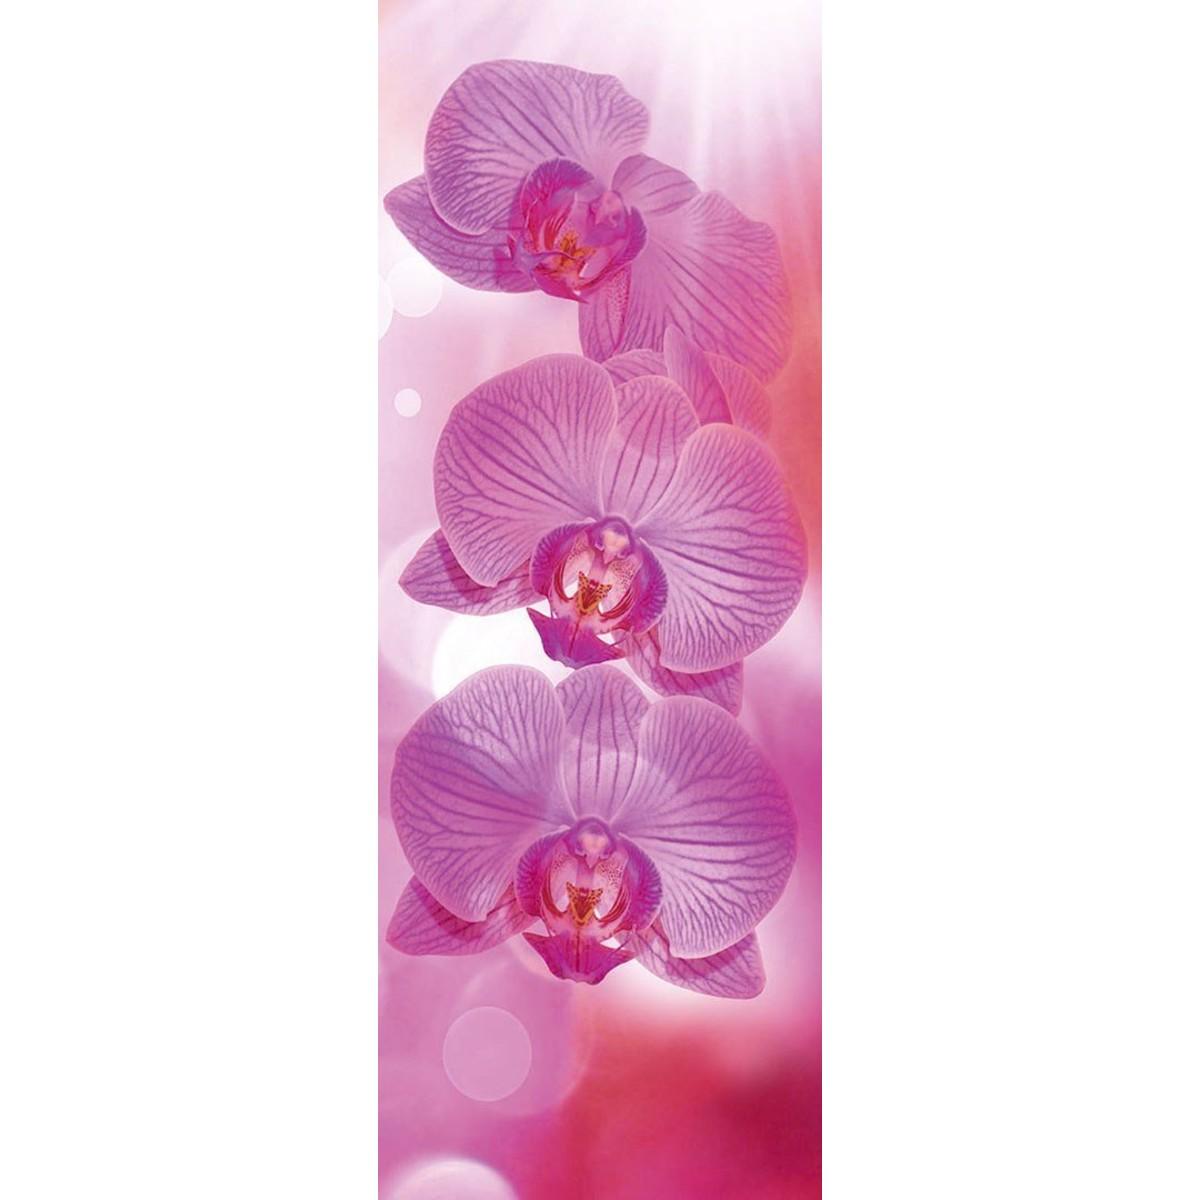 Фотообои DeliceDecor Розовое танго Ф 192 100х270 см